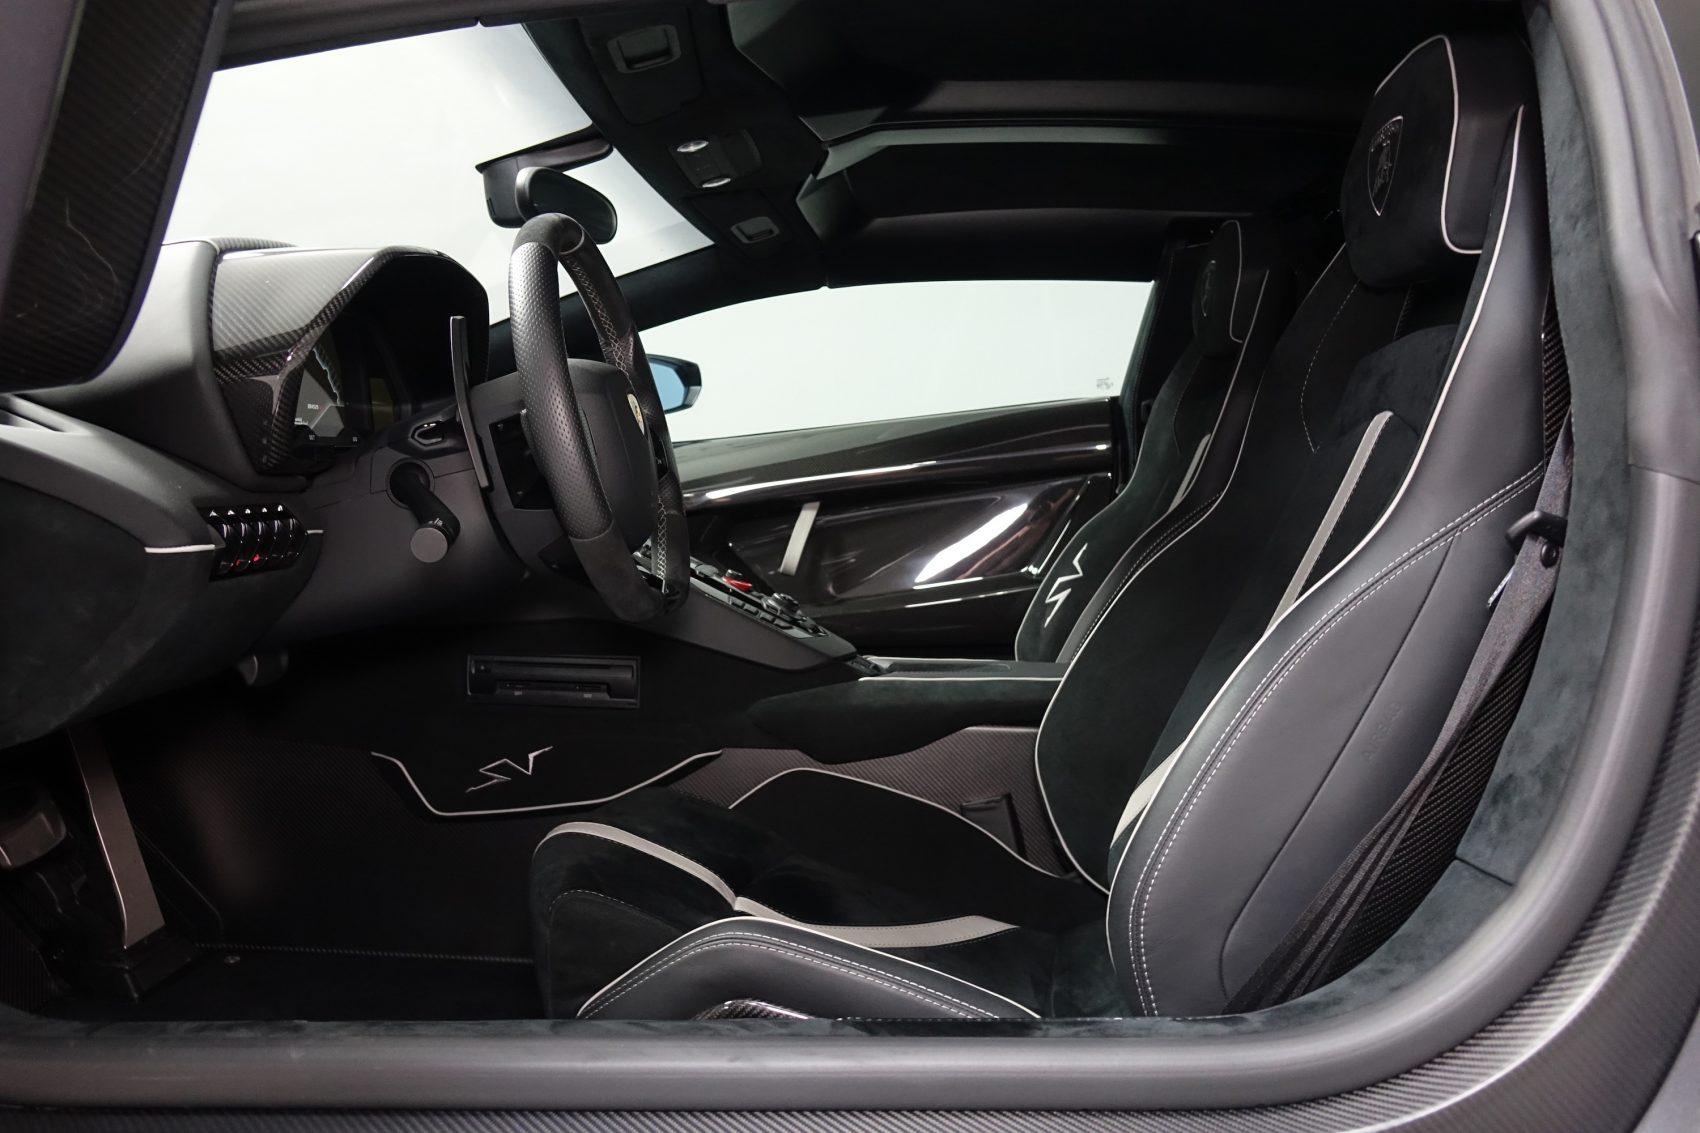 Lamborghini Aventador Lp 750 4 Superveloce Roadster 1 Of 500 Assetto Corsa